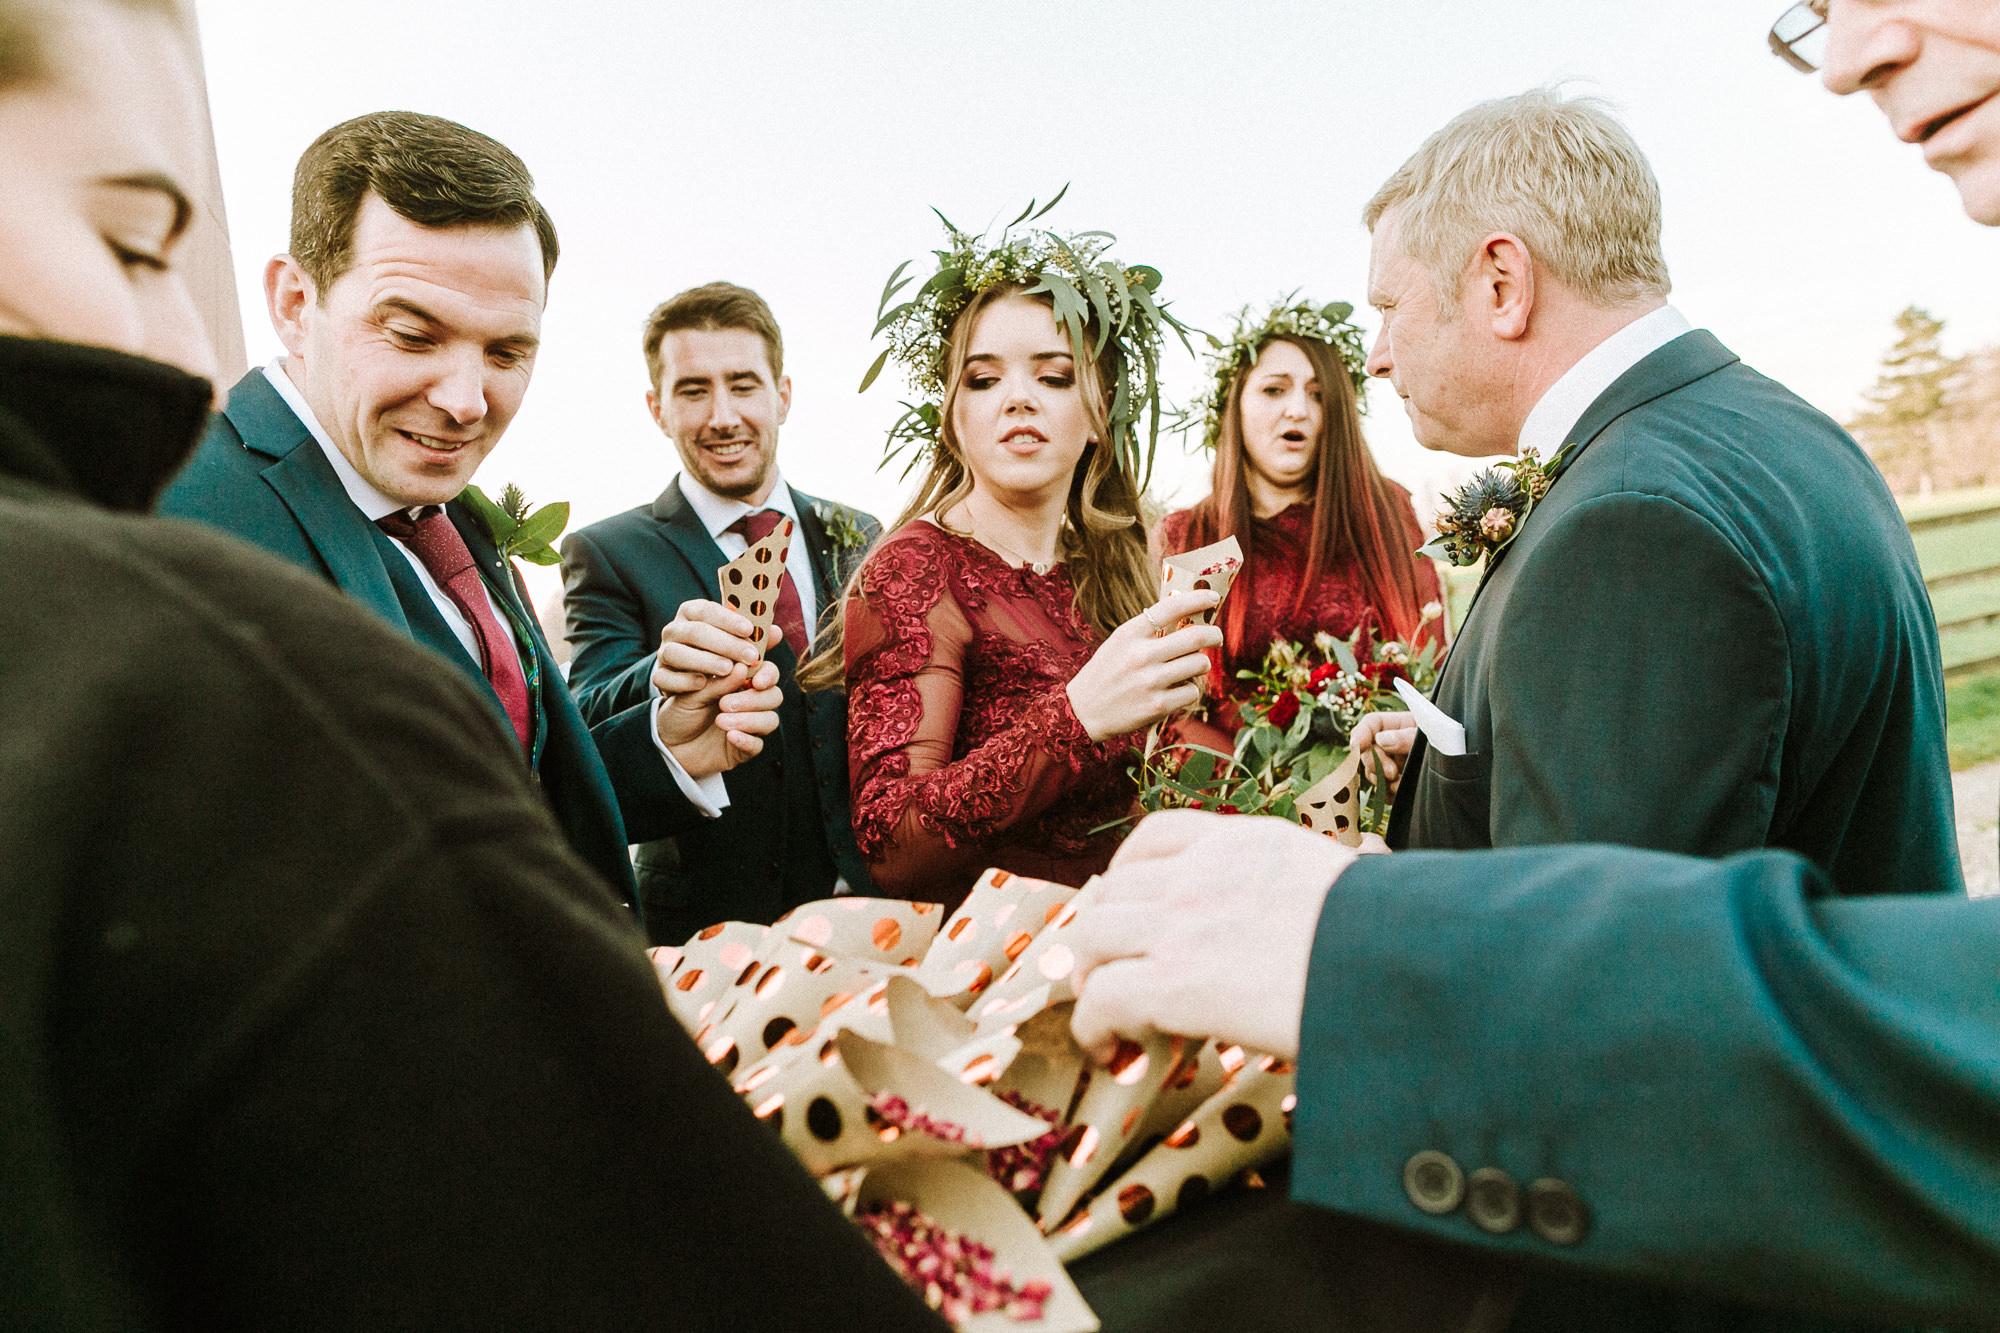 guests grabbing confetti